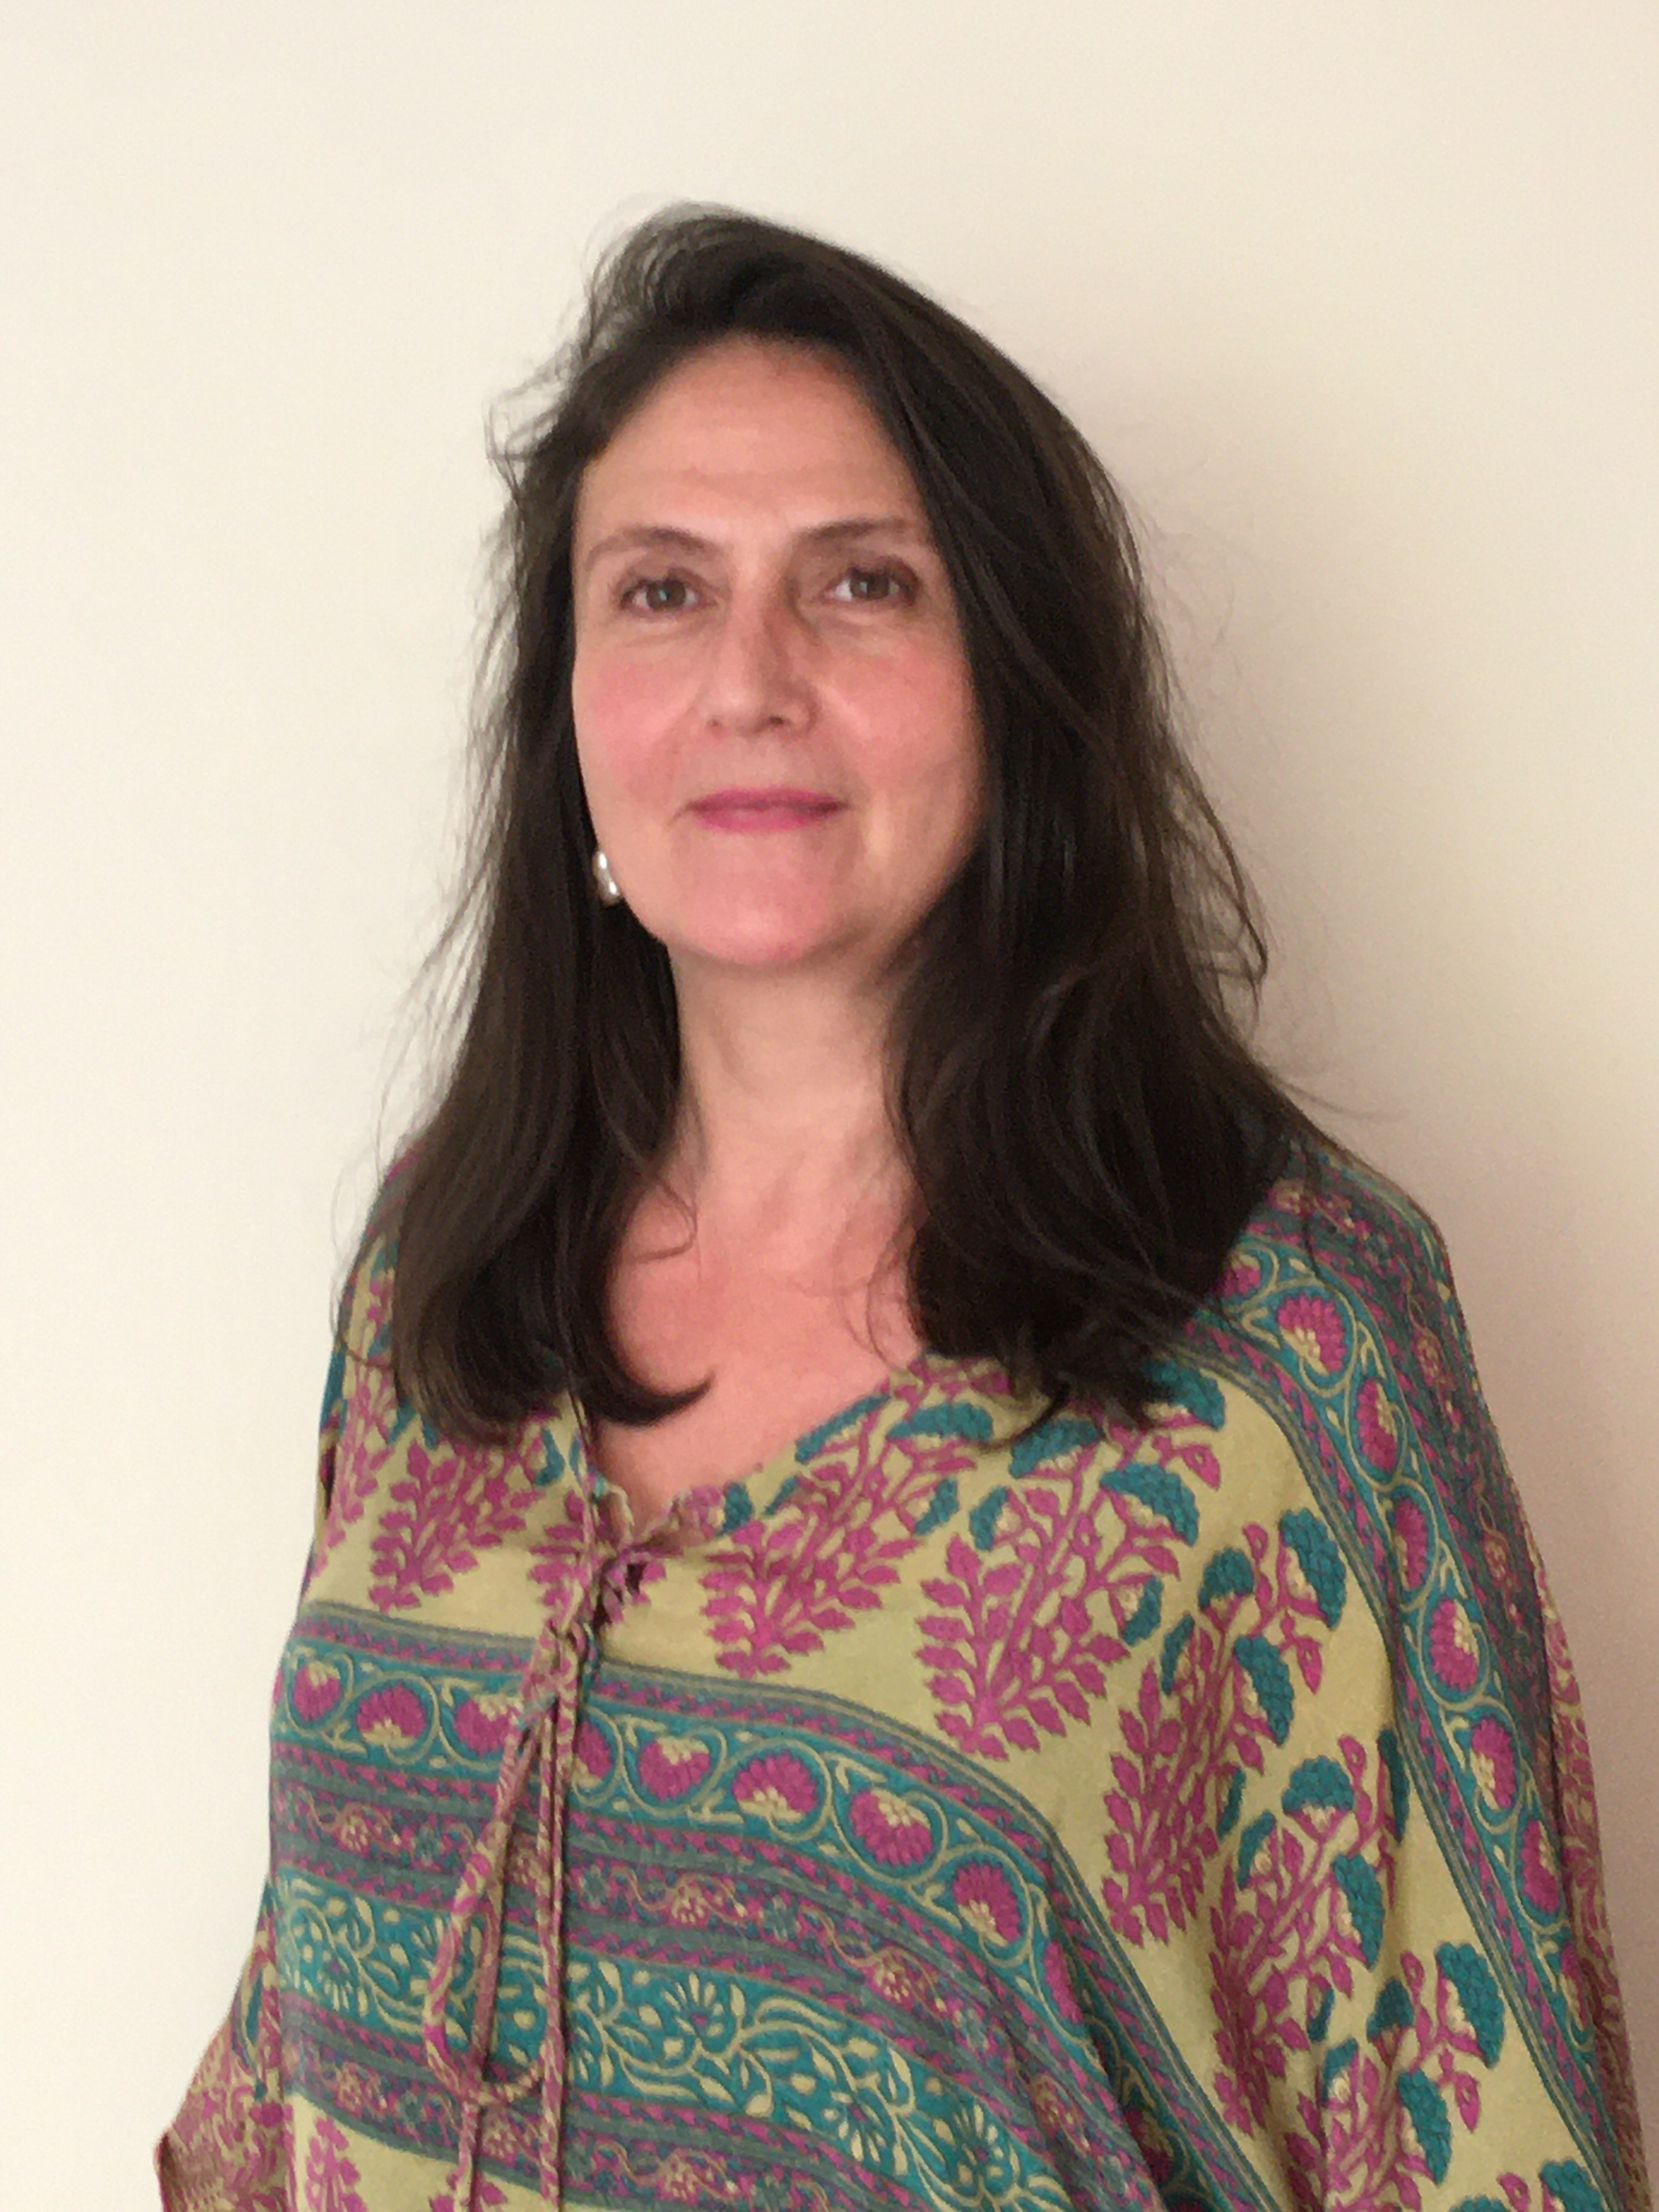 Maria Luisa De la Fuente Gonzalez